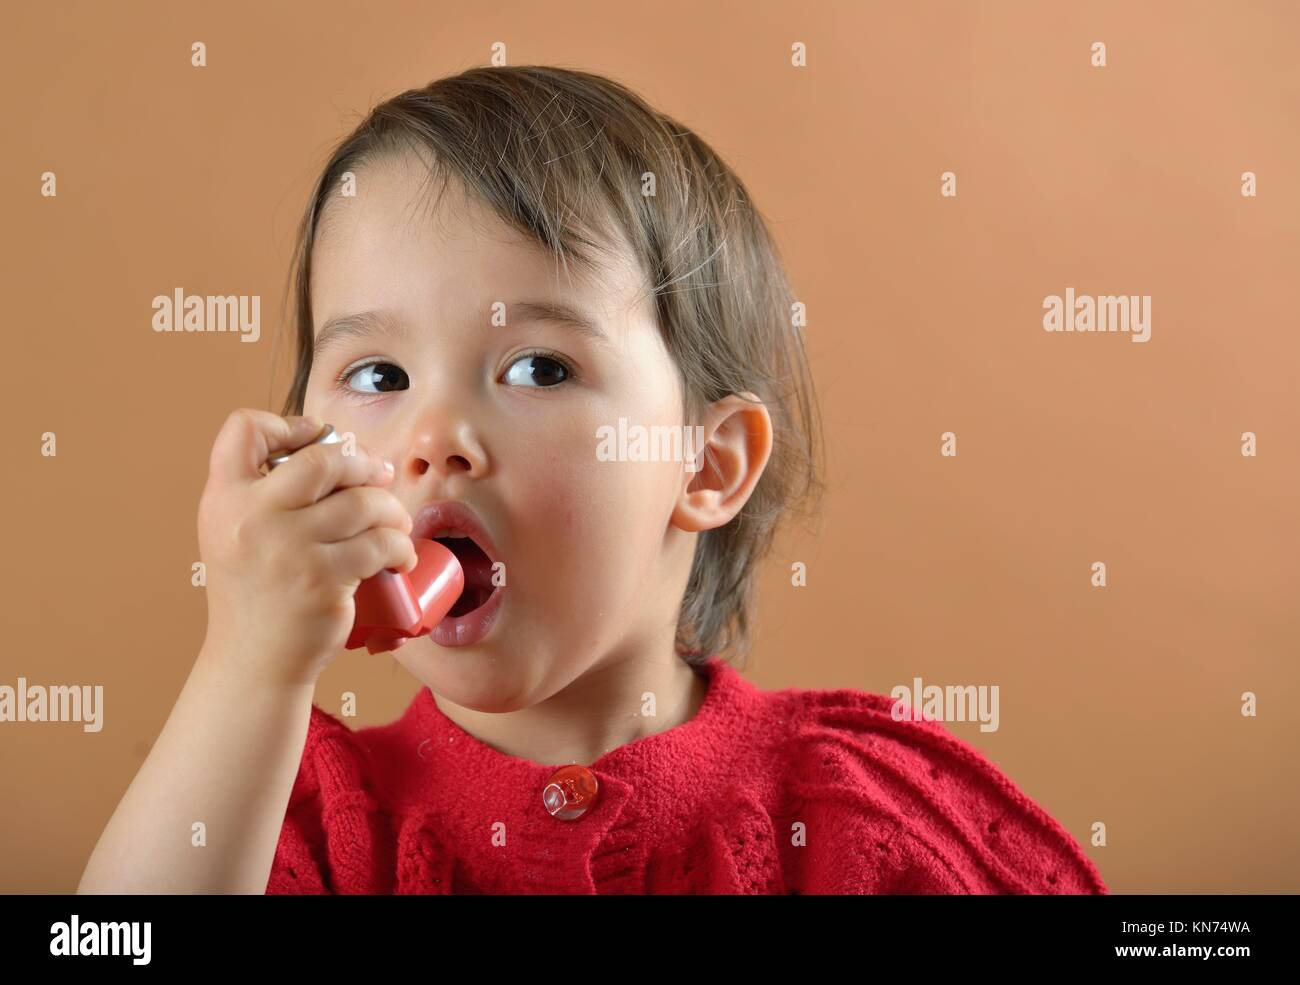 Little girl breathing asthmatic inhaler. - Stock Image